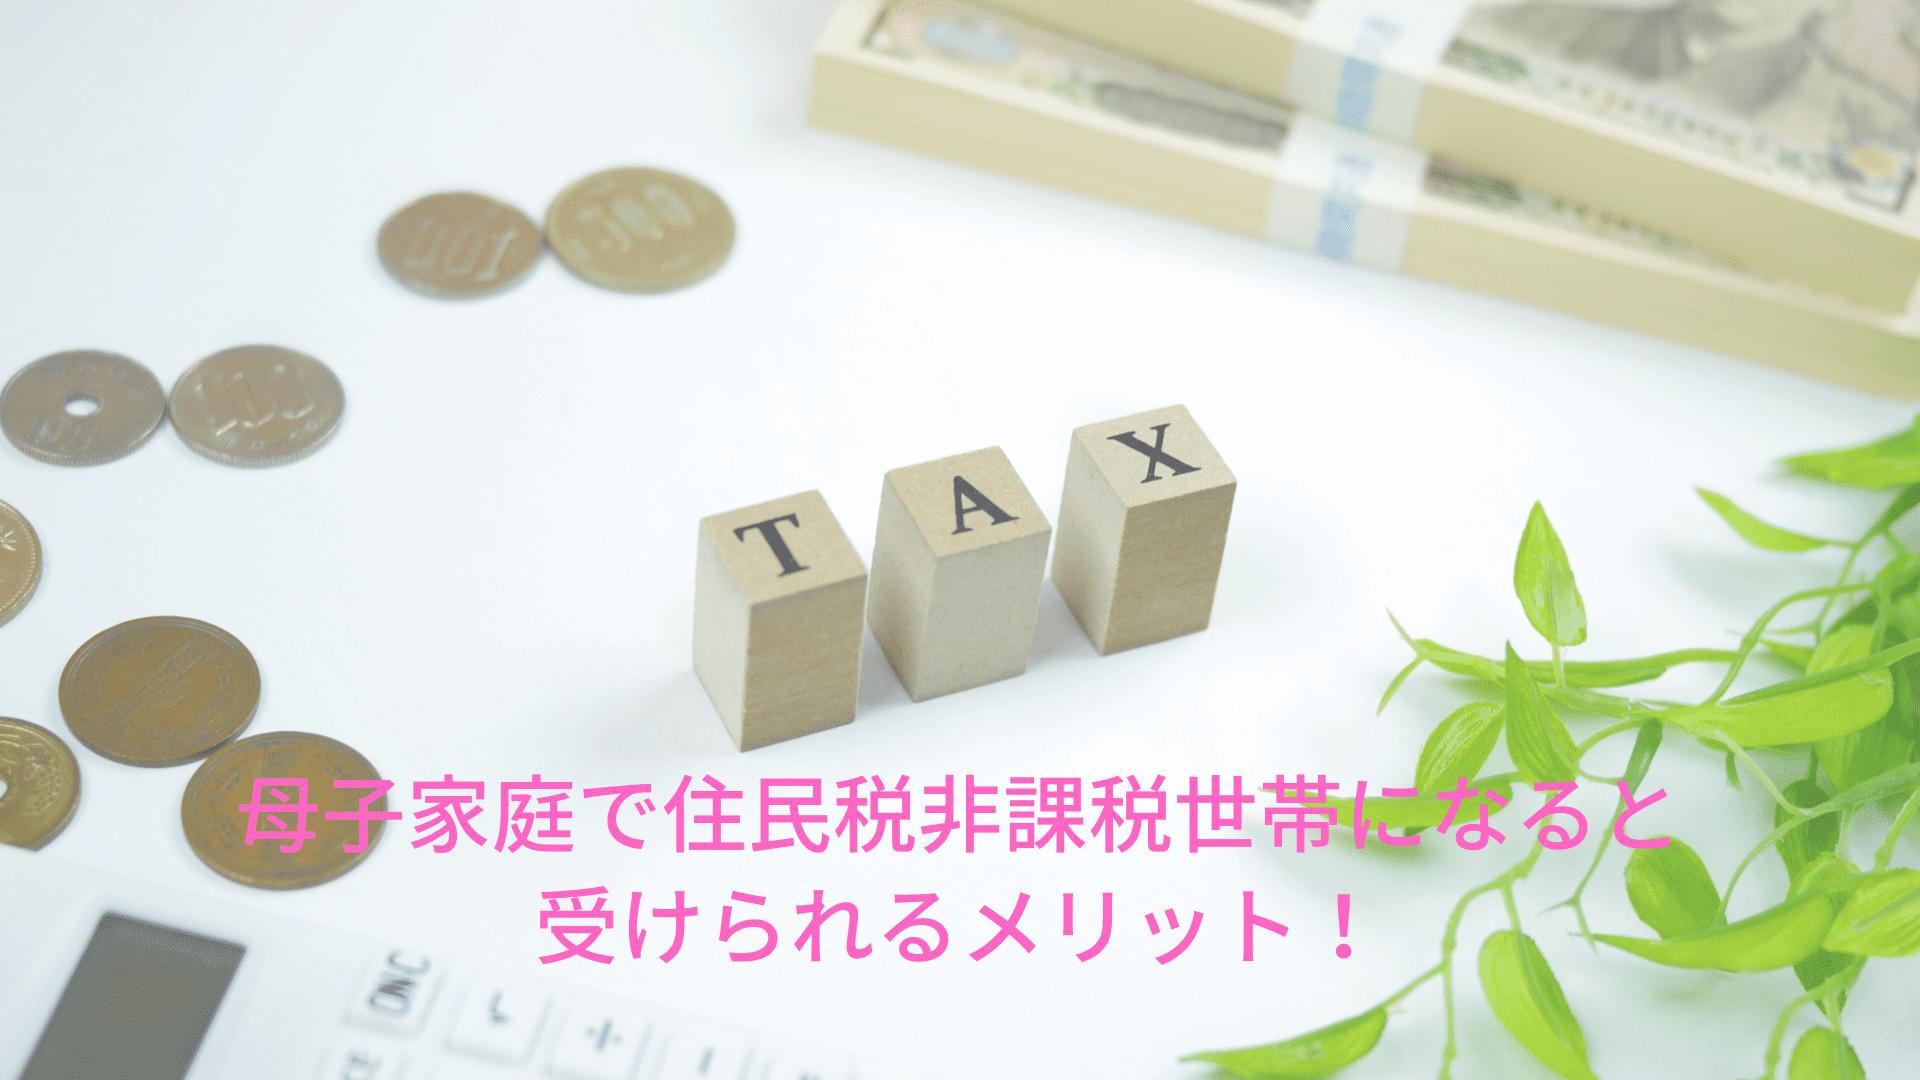 税 非課税 住民